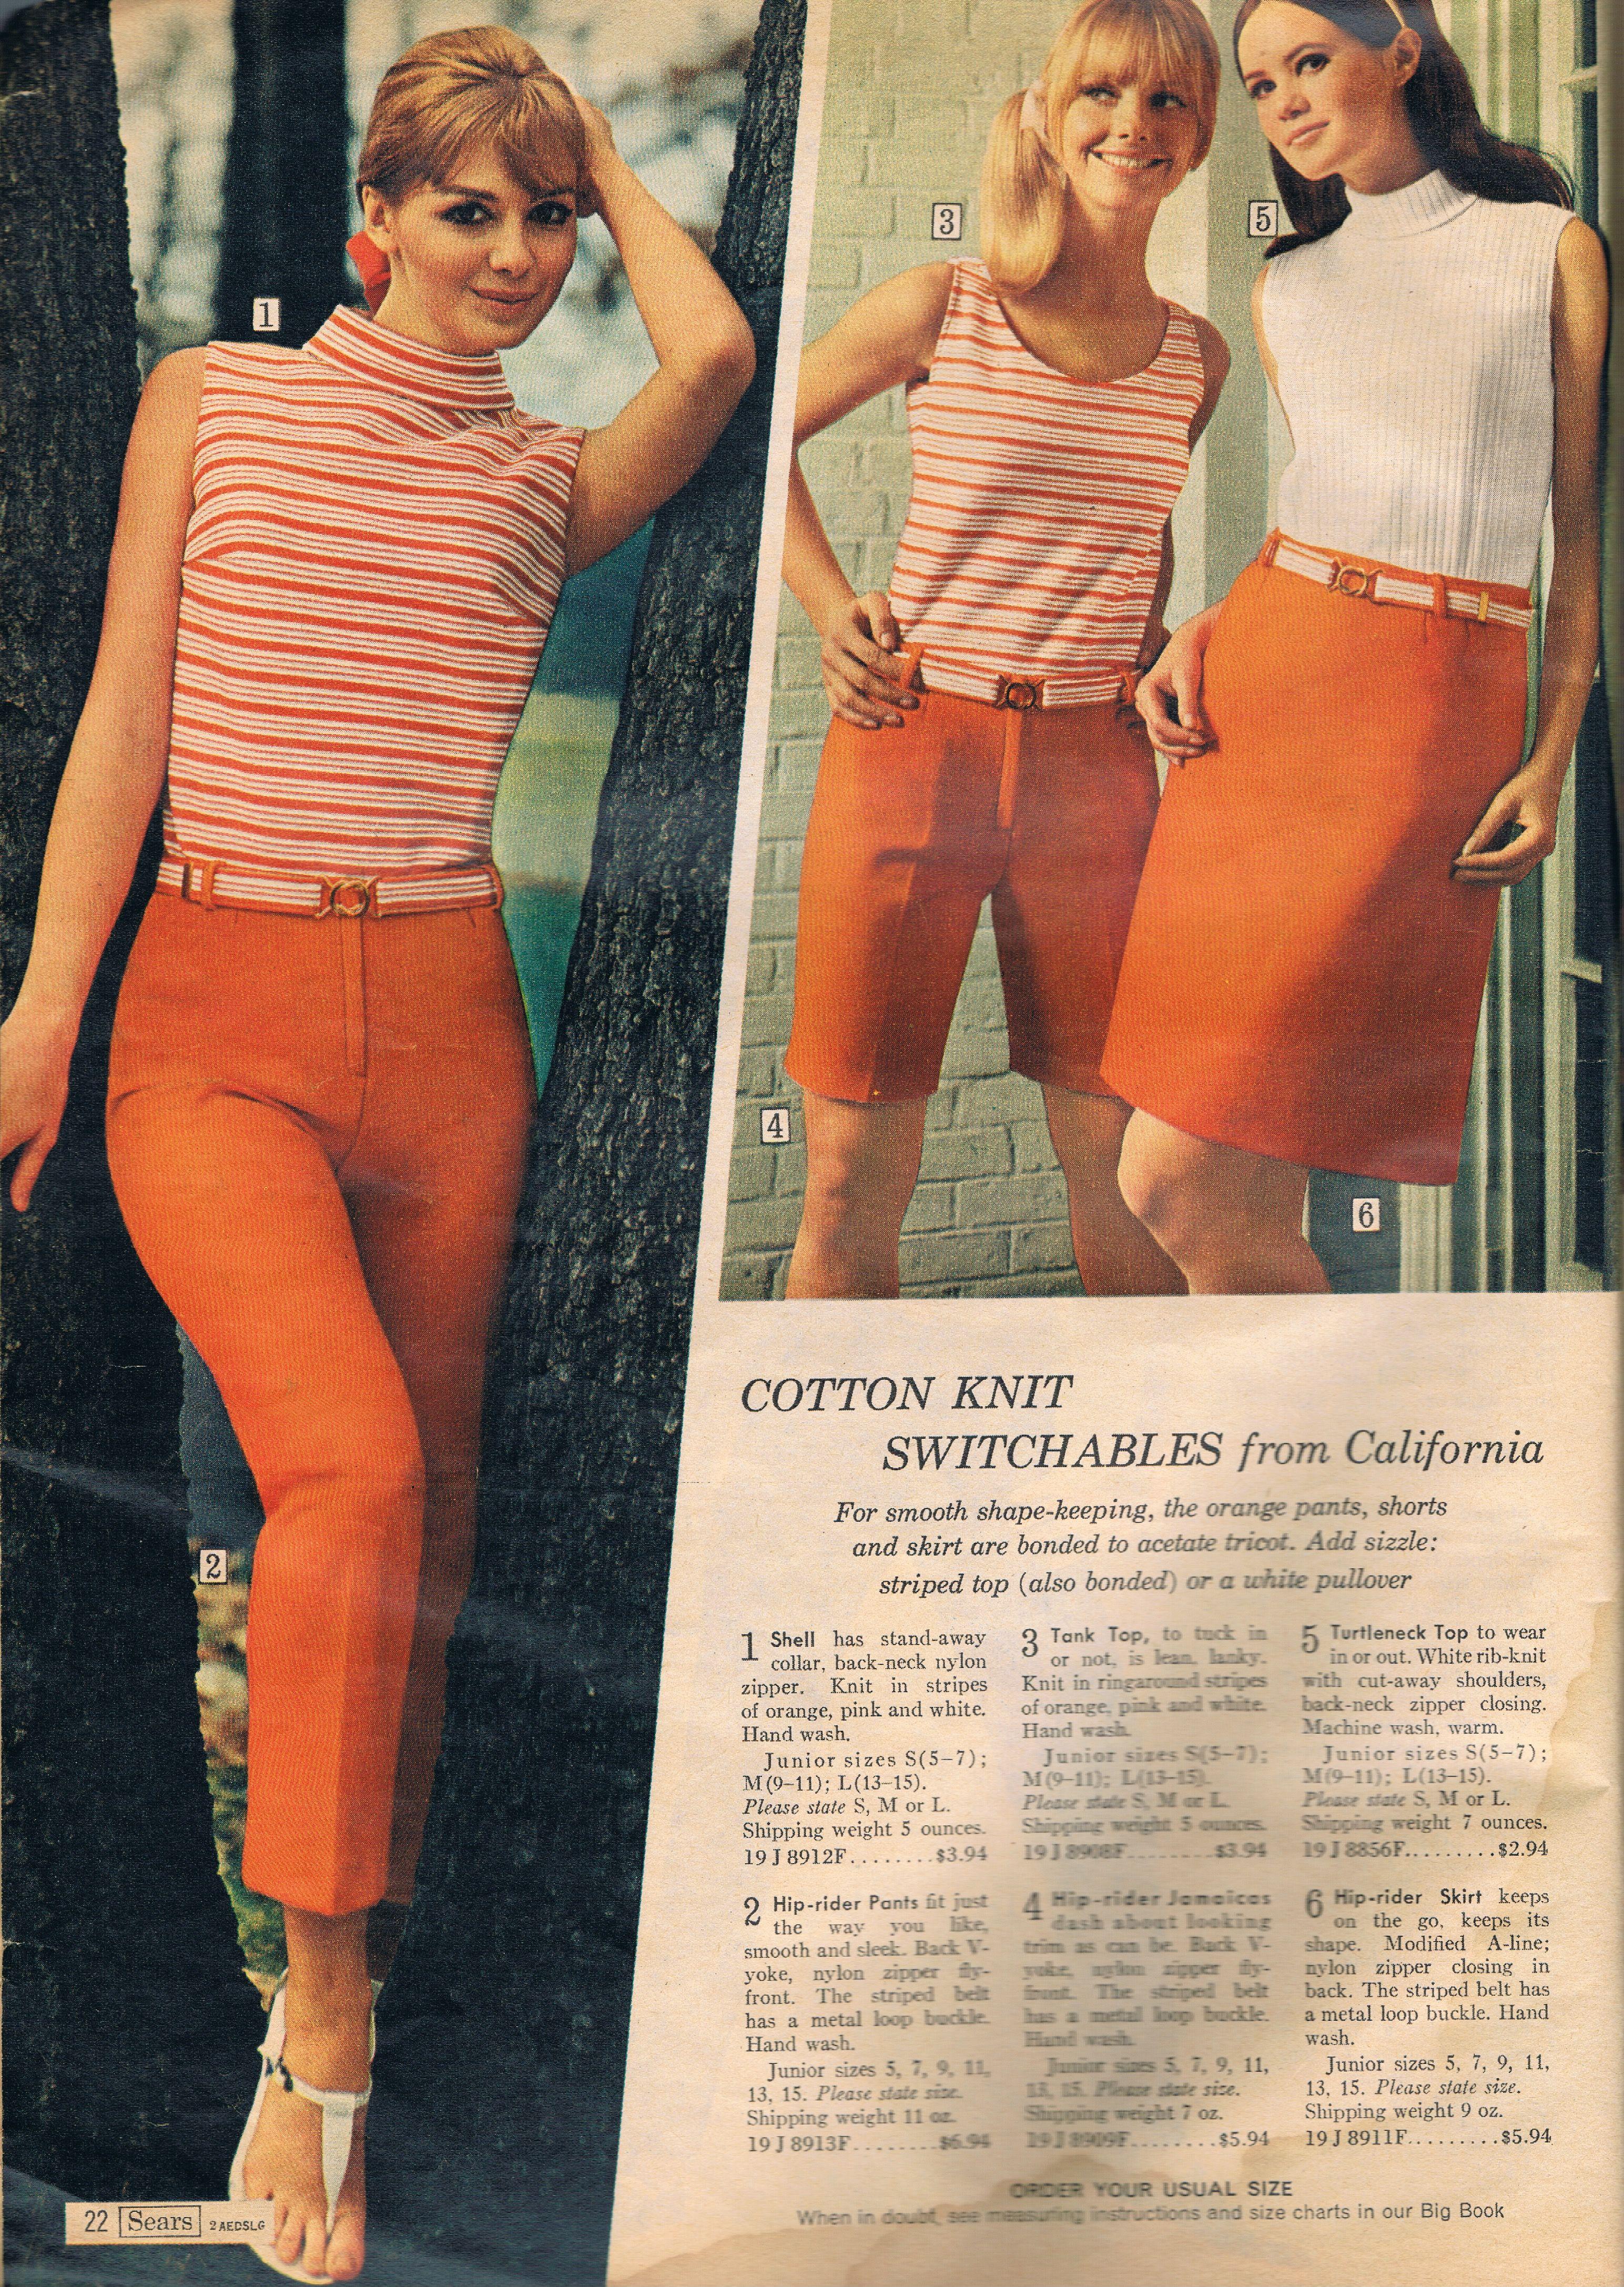 sears catalog 1967 1960er in 2018 pinterest hosen und 60er. Black Bedroom Furniture Sets. Home Design Ideas